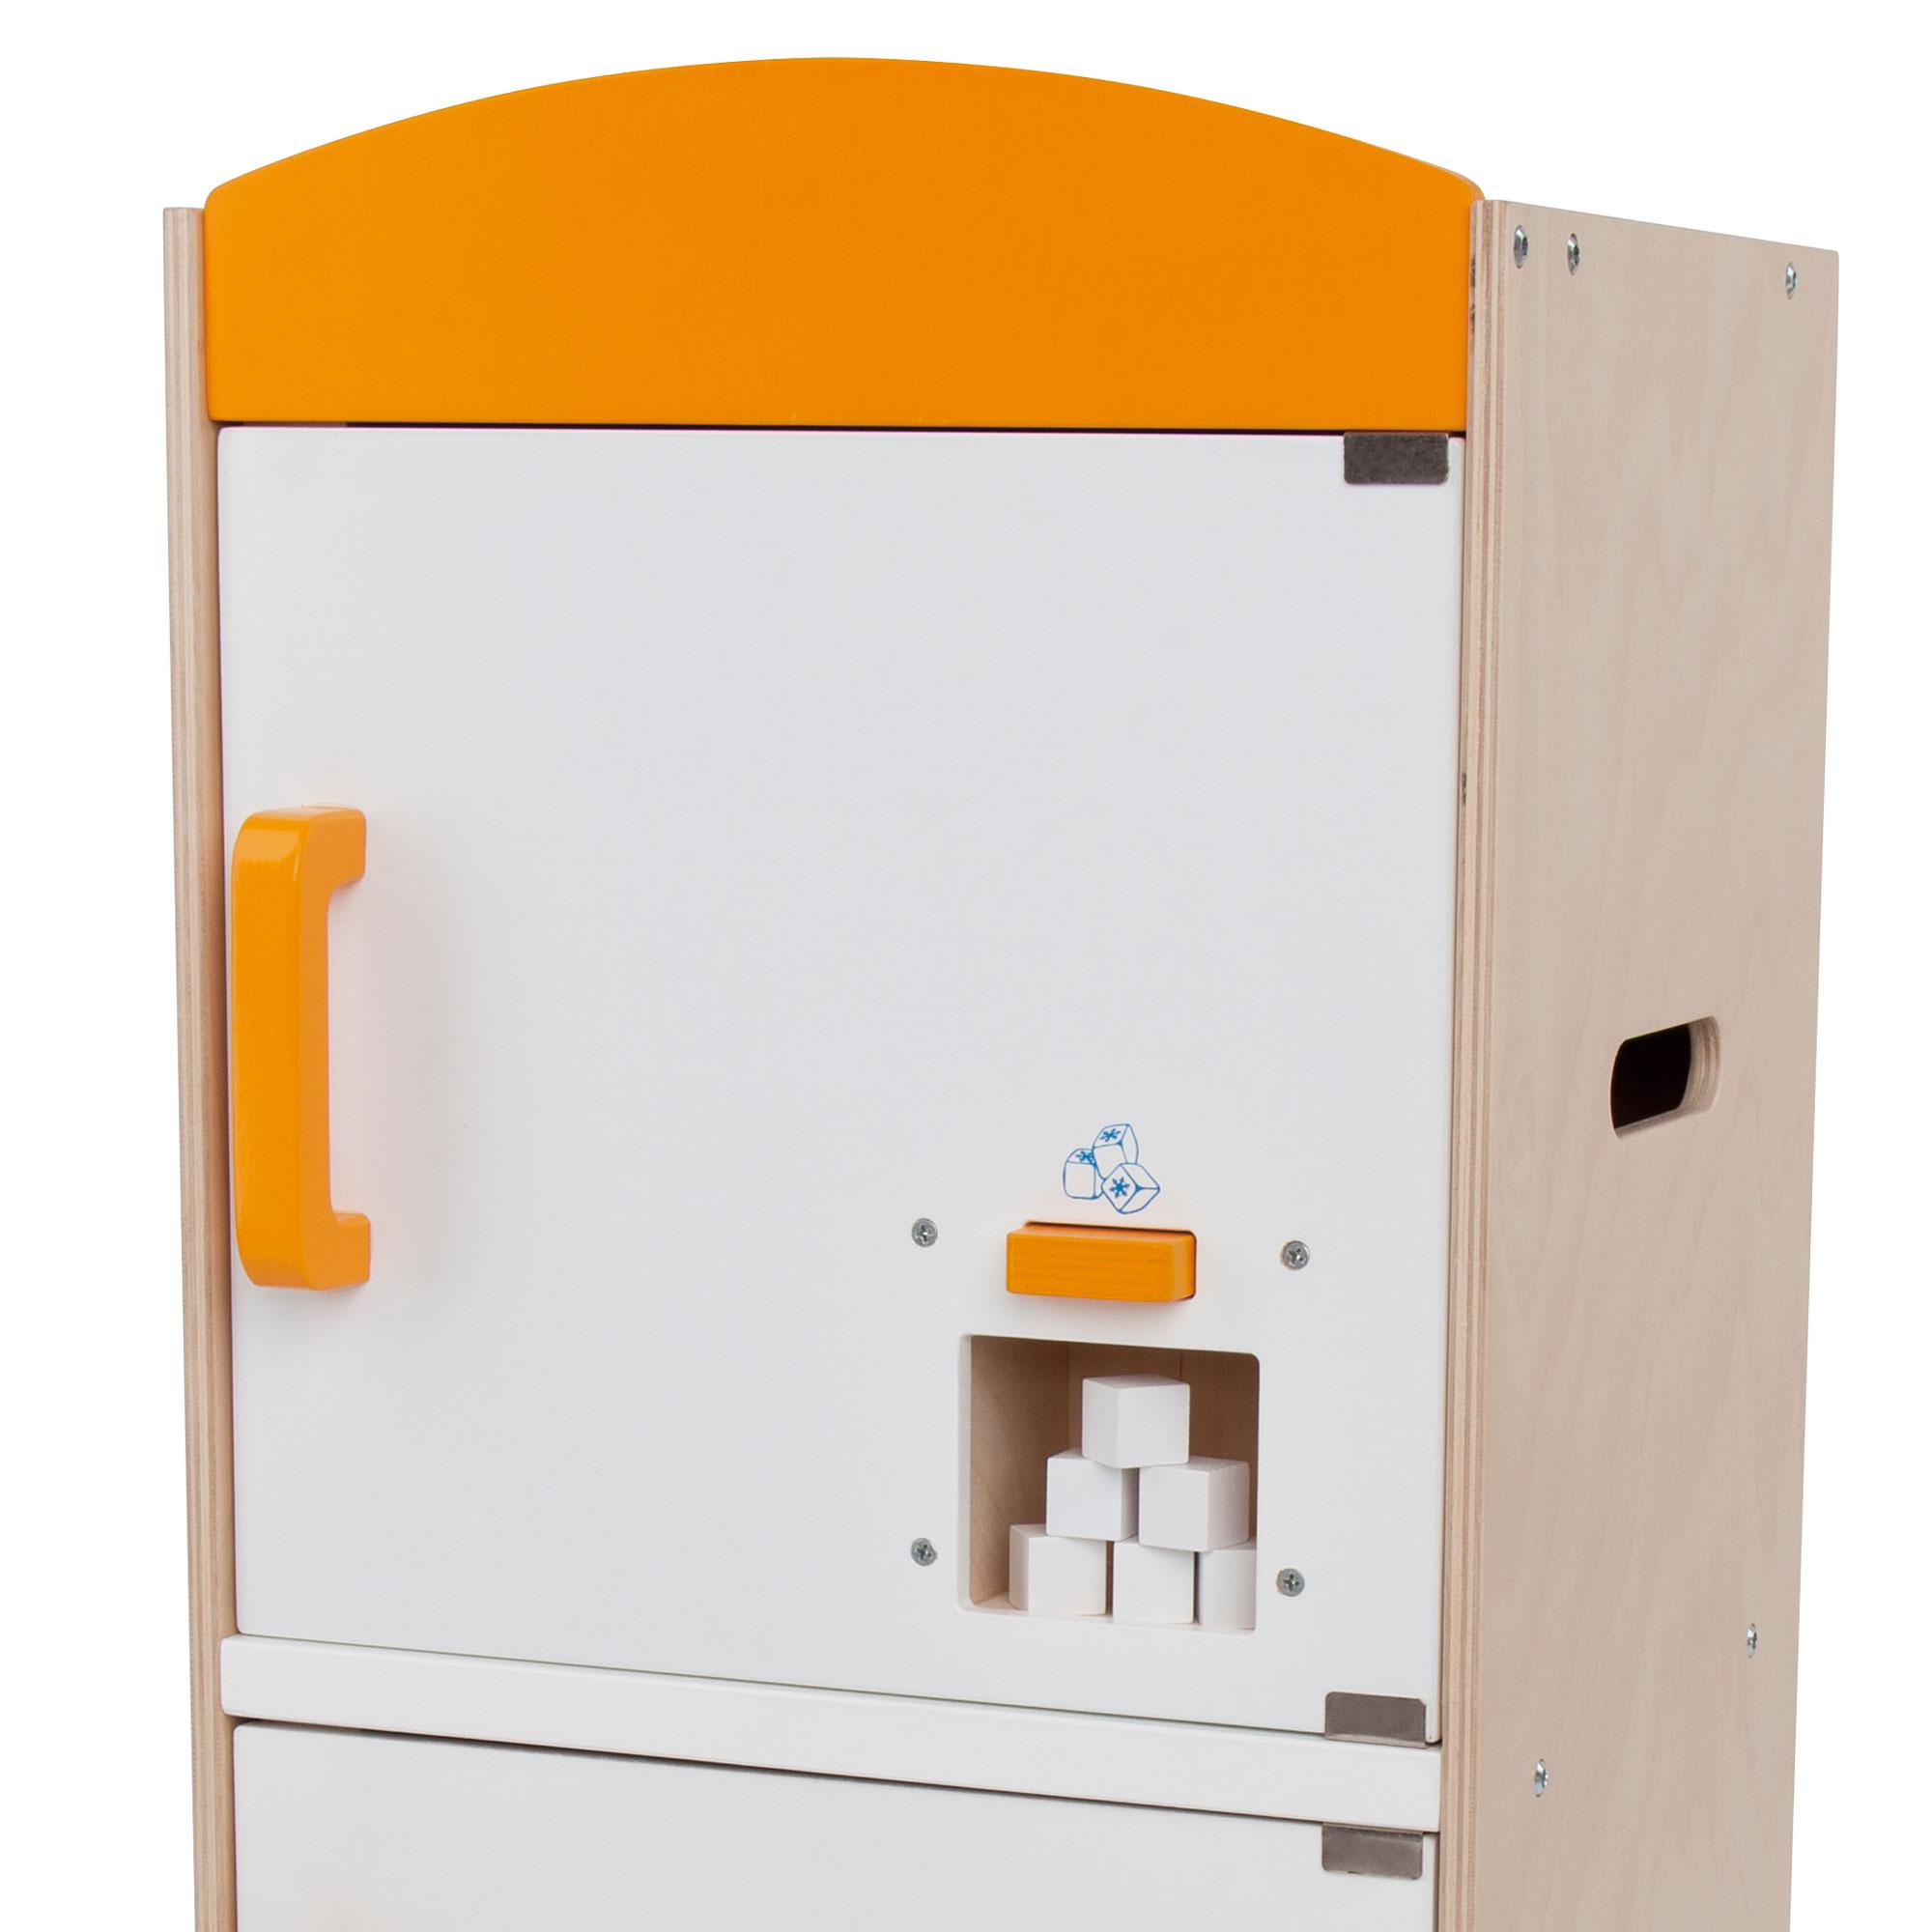 Dream Kitchen Toy Refrigerator: Hape Gourmet Wooden Kitchen Toddler & Kids Play Pretend Toy Fridge In White 6943478004283